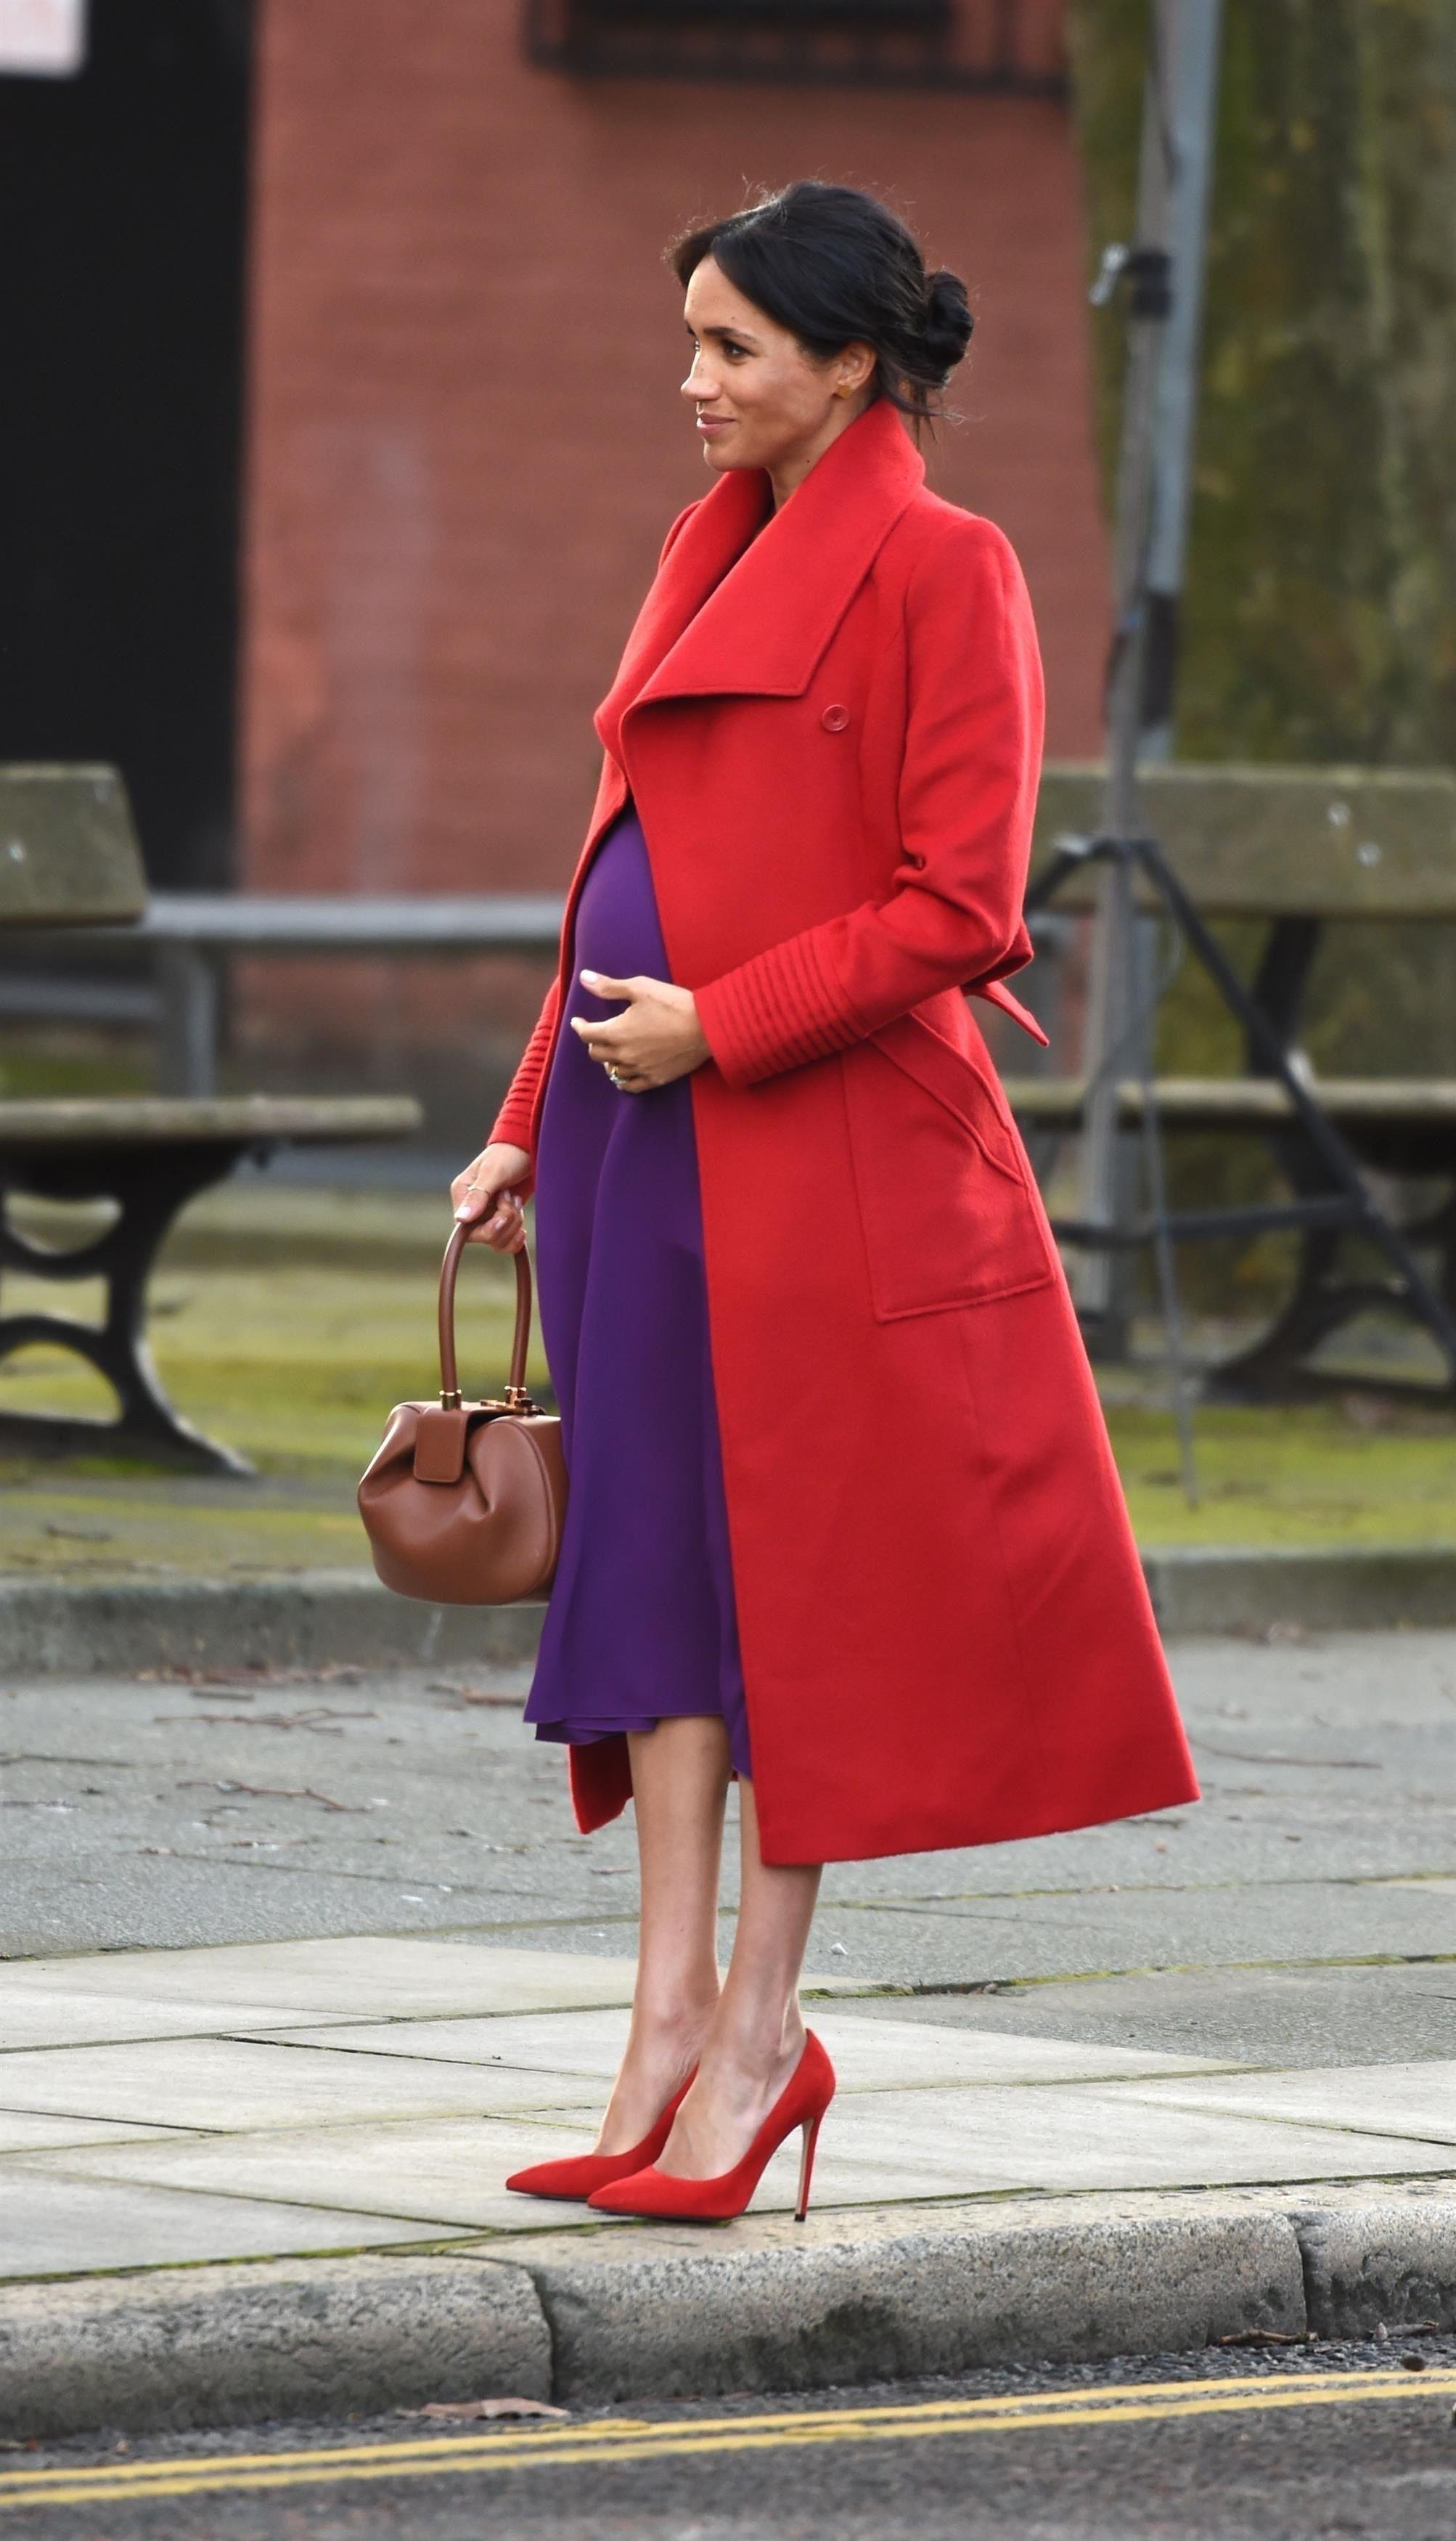 Meghan Markle w fioletowej sukni pokazuje ciążowy brzuszek. Jest coraz większy